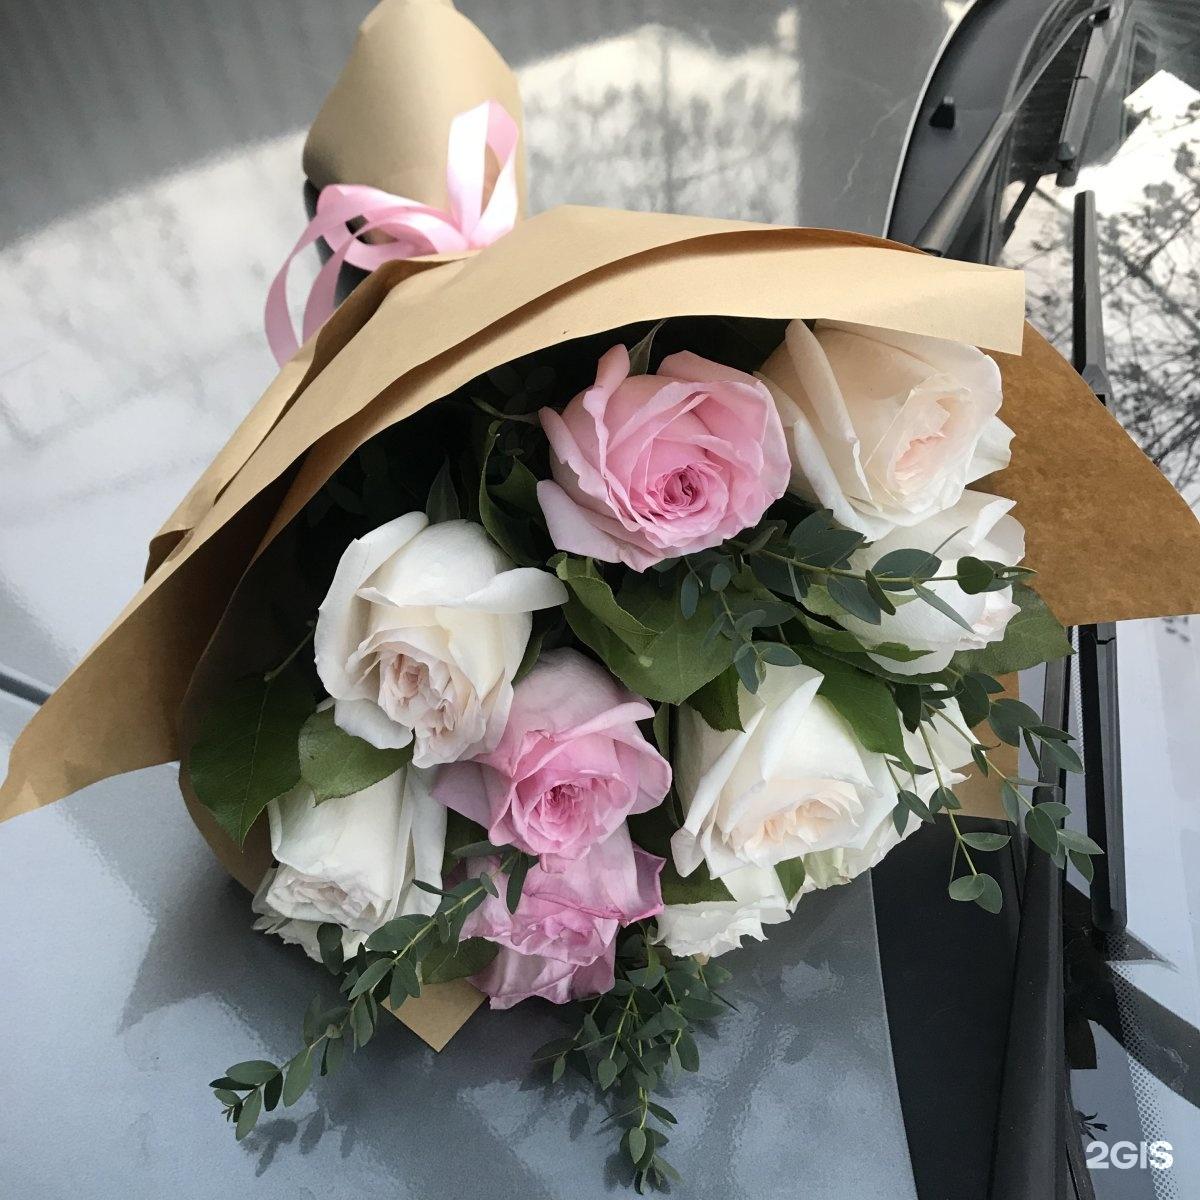 Интернет магазины цветов алматы, цветов екб английские